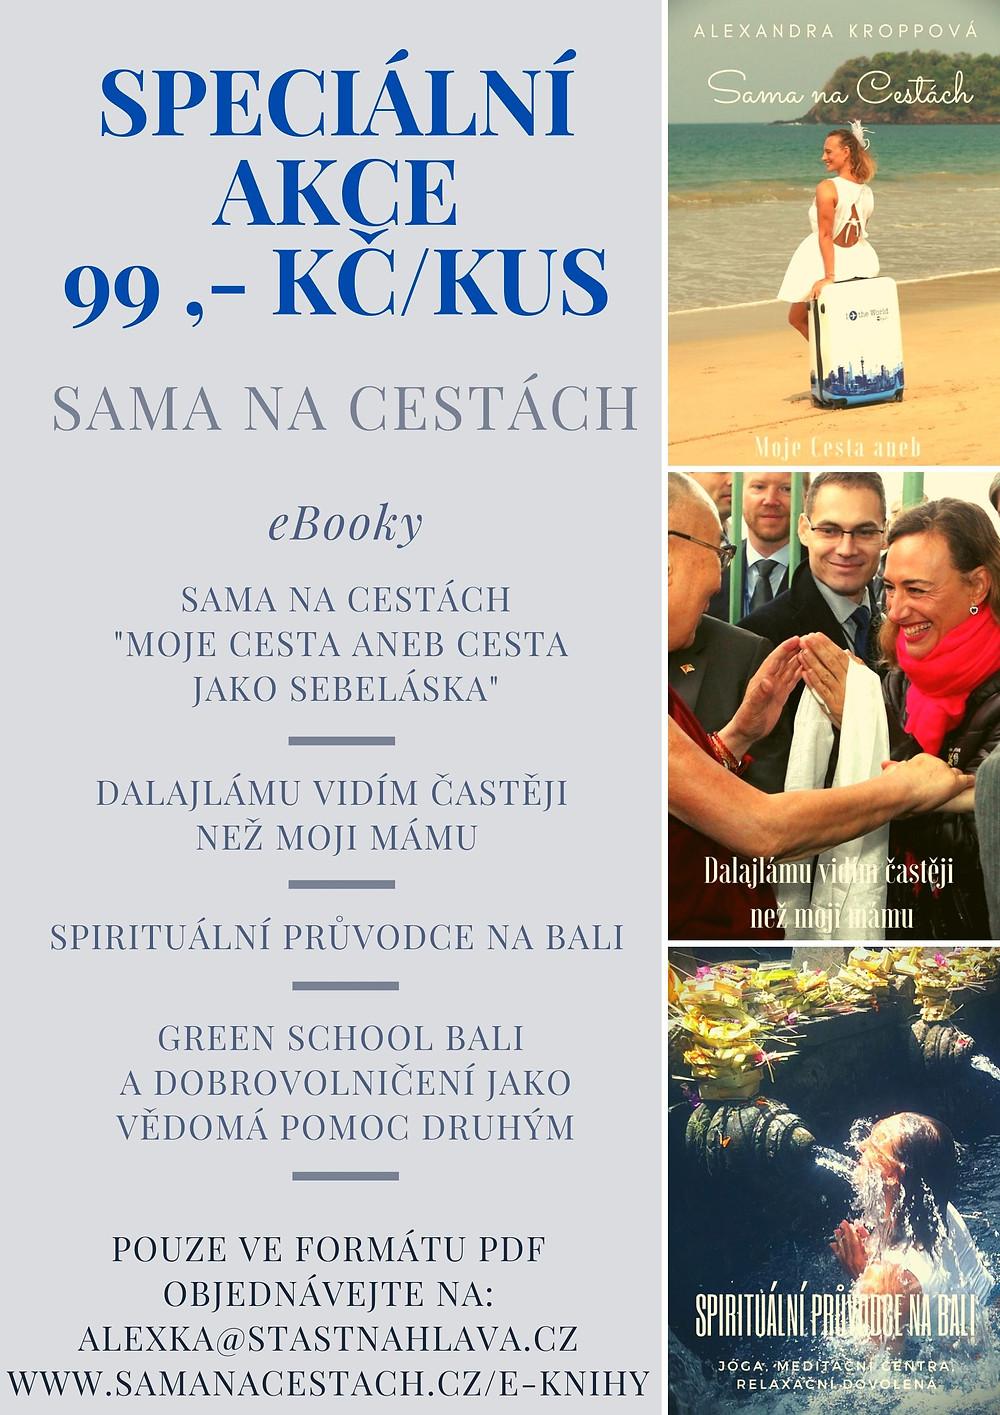 Speciální akce - eBooky 99 Kč